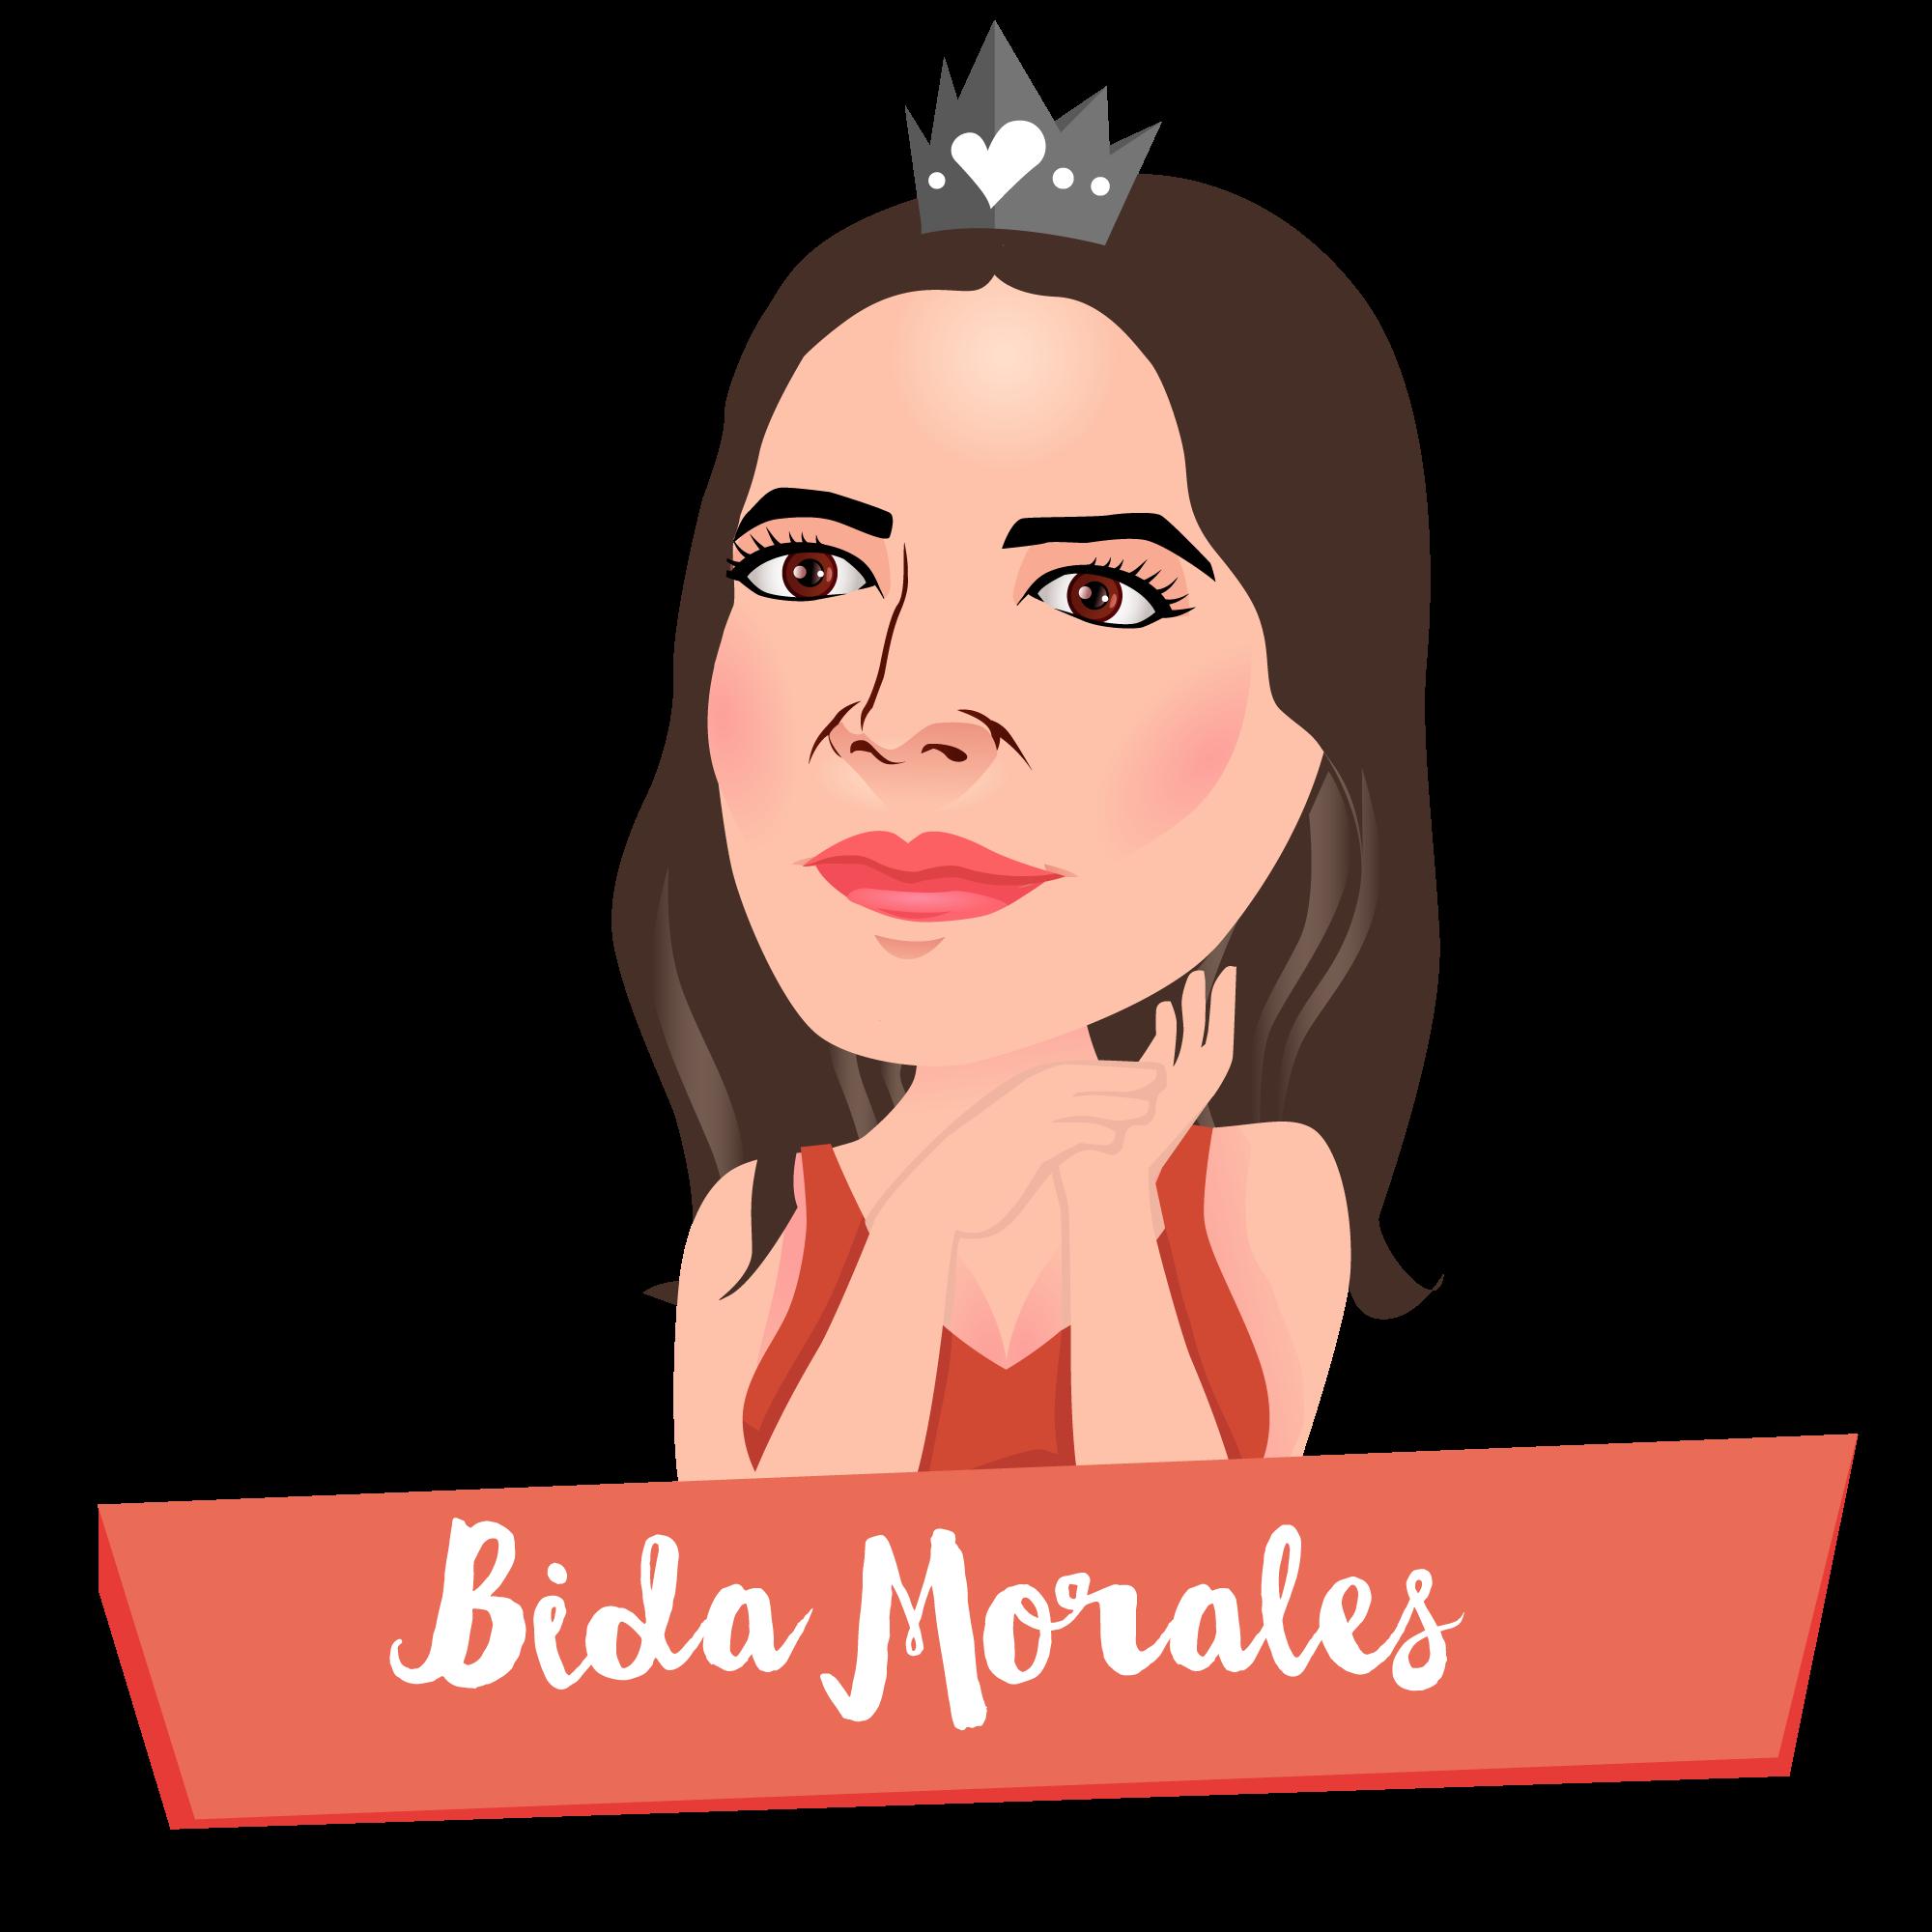 10 Uri ng Empleyado_Bida Morales